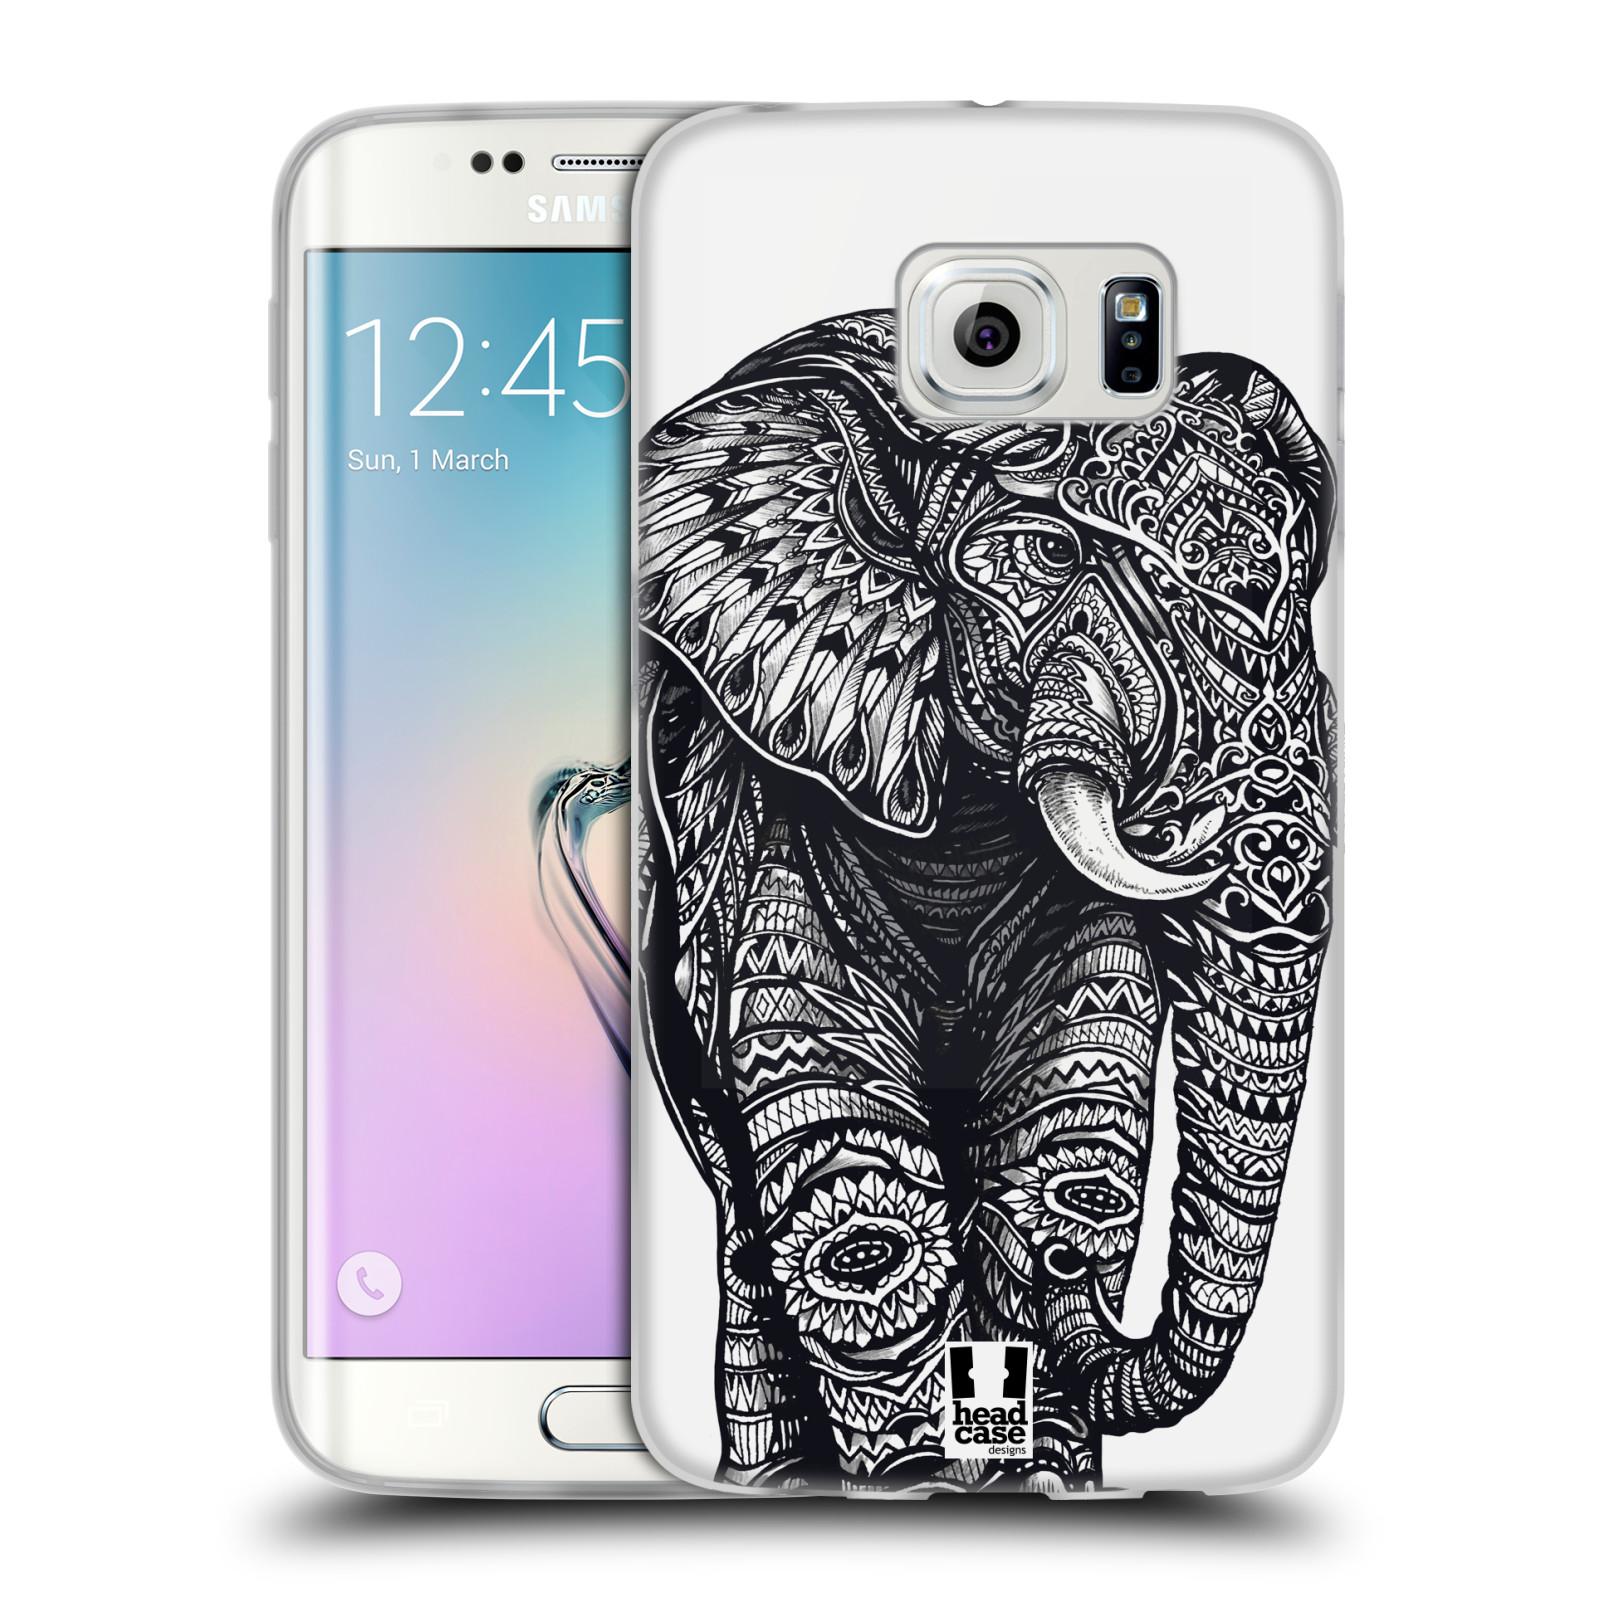 Silikonové pouzdro na mobil Samsung Galaxy S6 Edge HEAD CASE Zdobený Slon (Silikonový kryt či obal na mobilní telefon Samsung Galaxy S6 Edge SM-G925F)